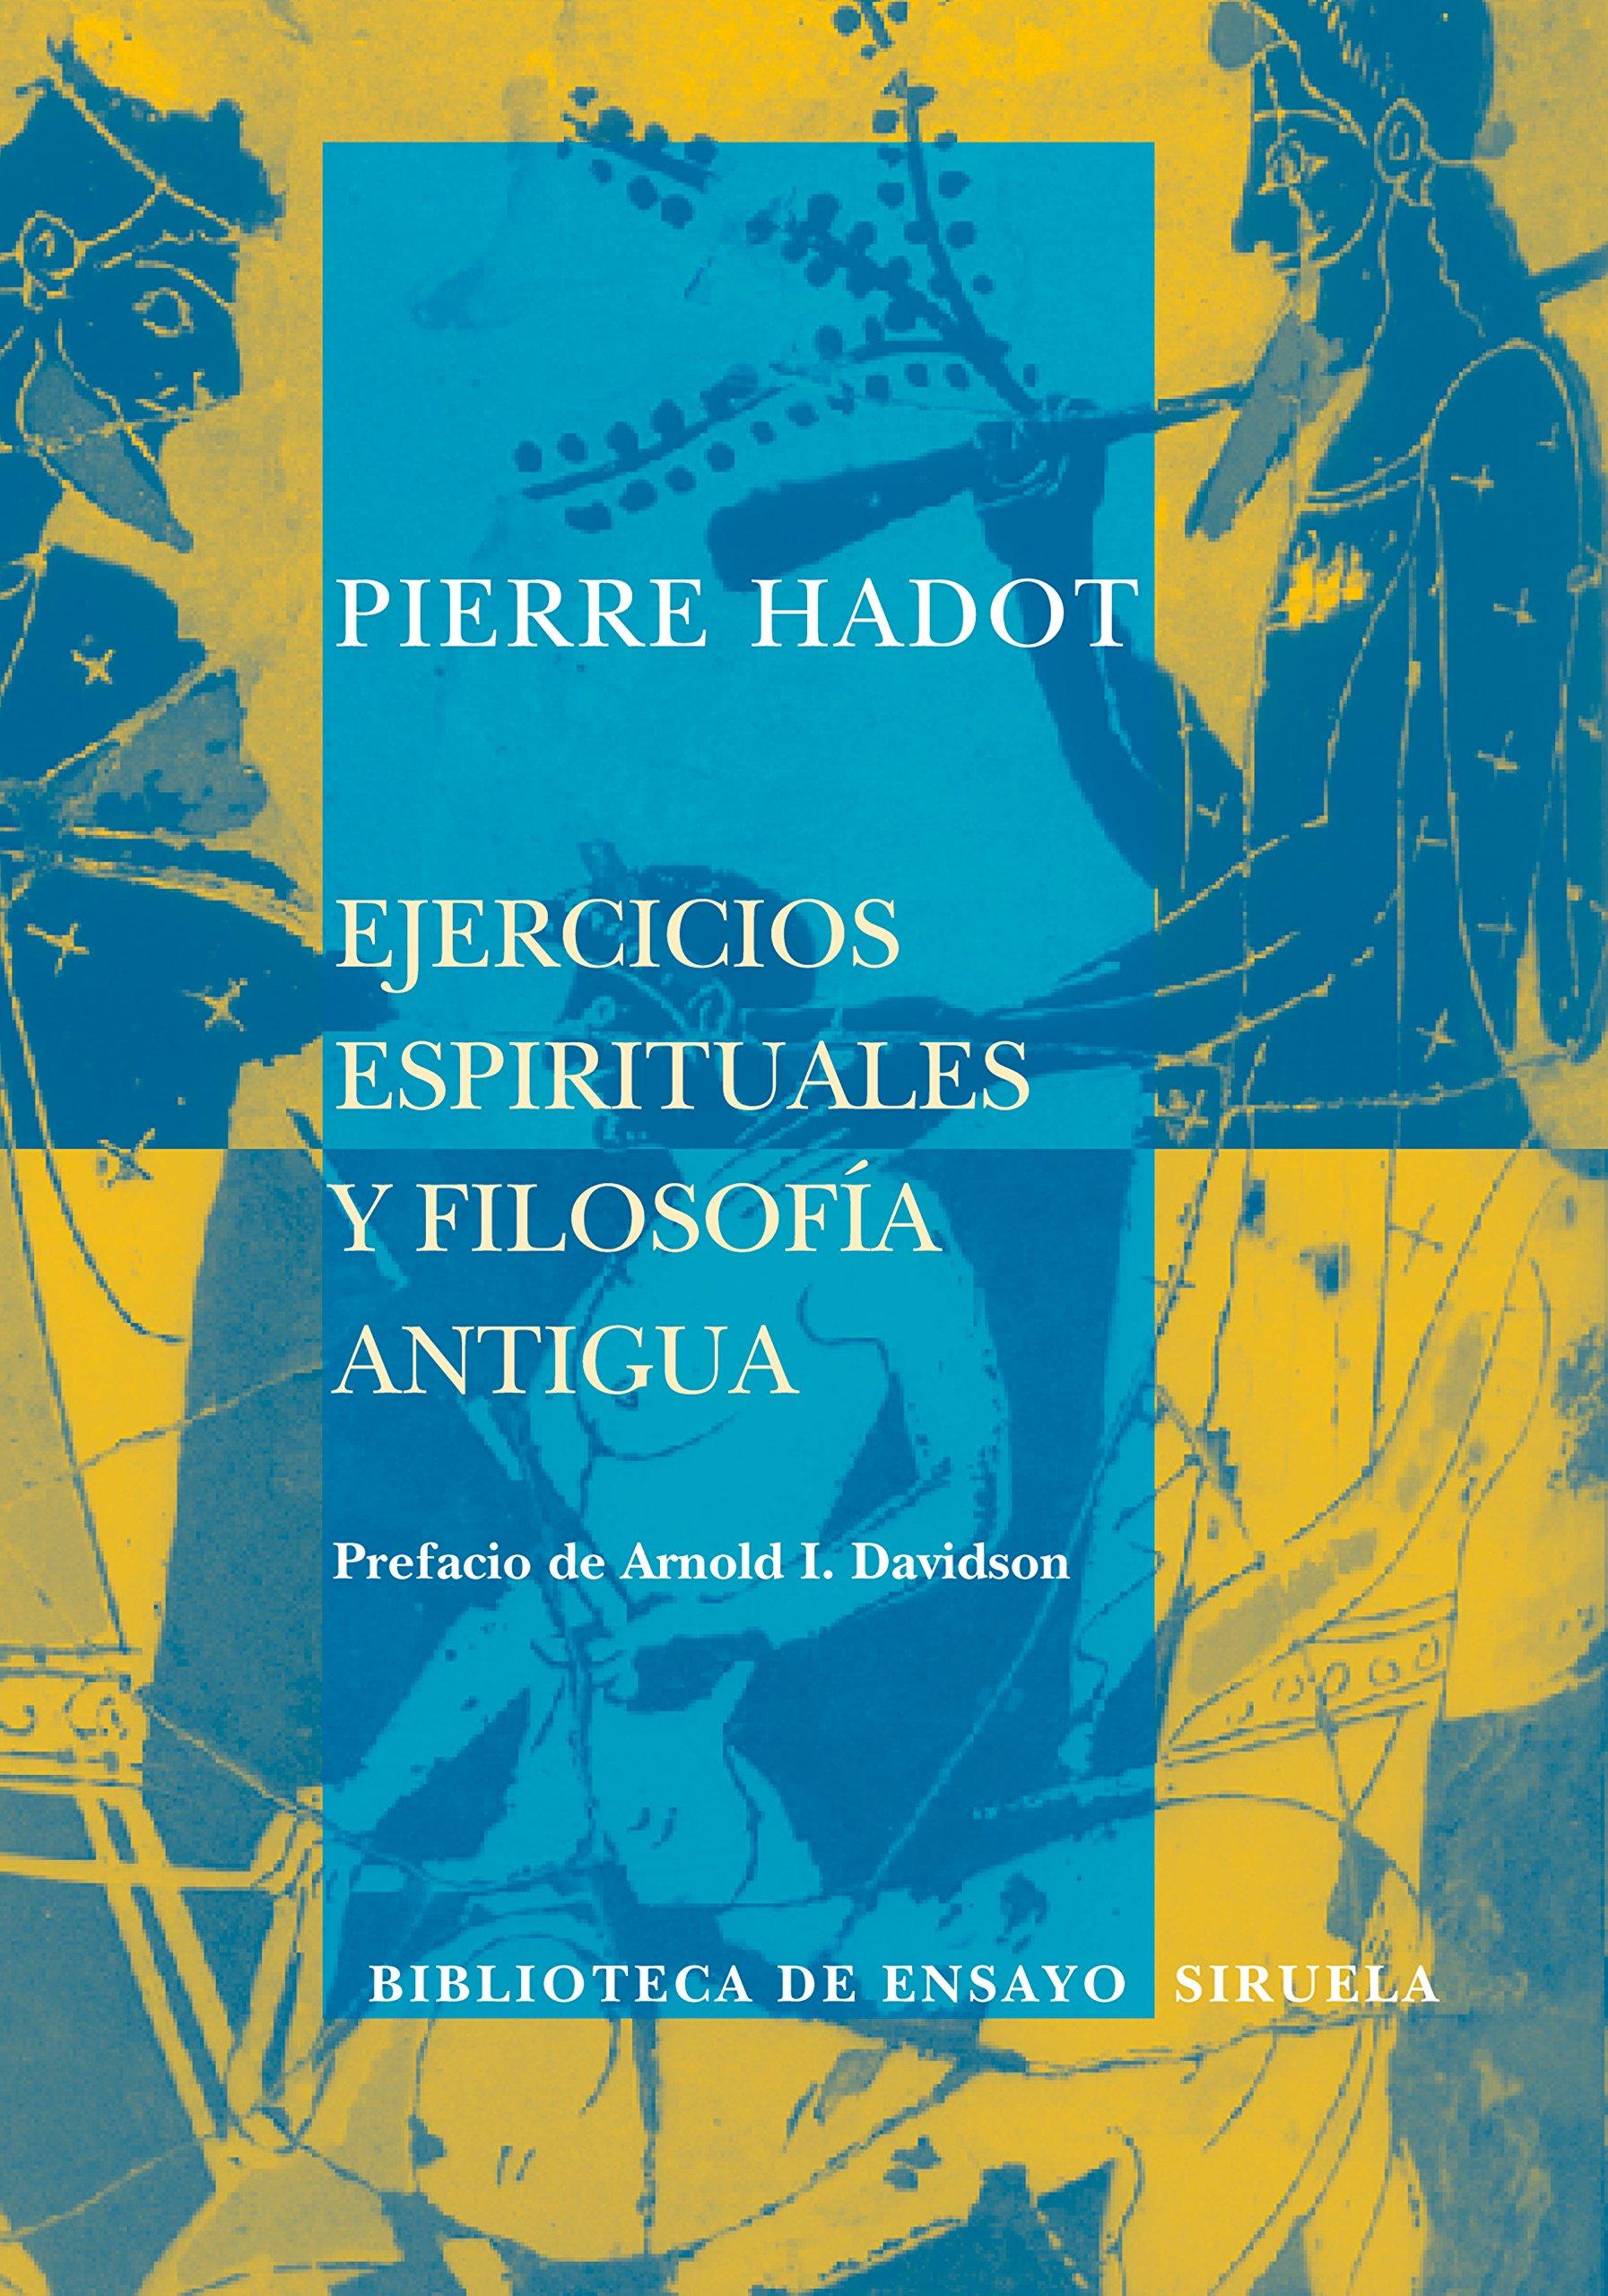 ejercicios espirituales de los filósofos estóicos 2